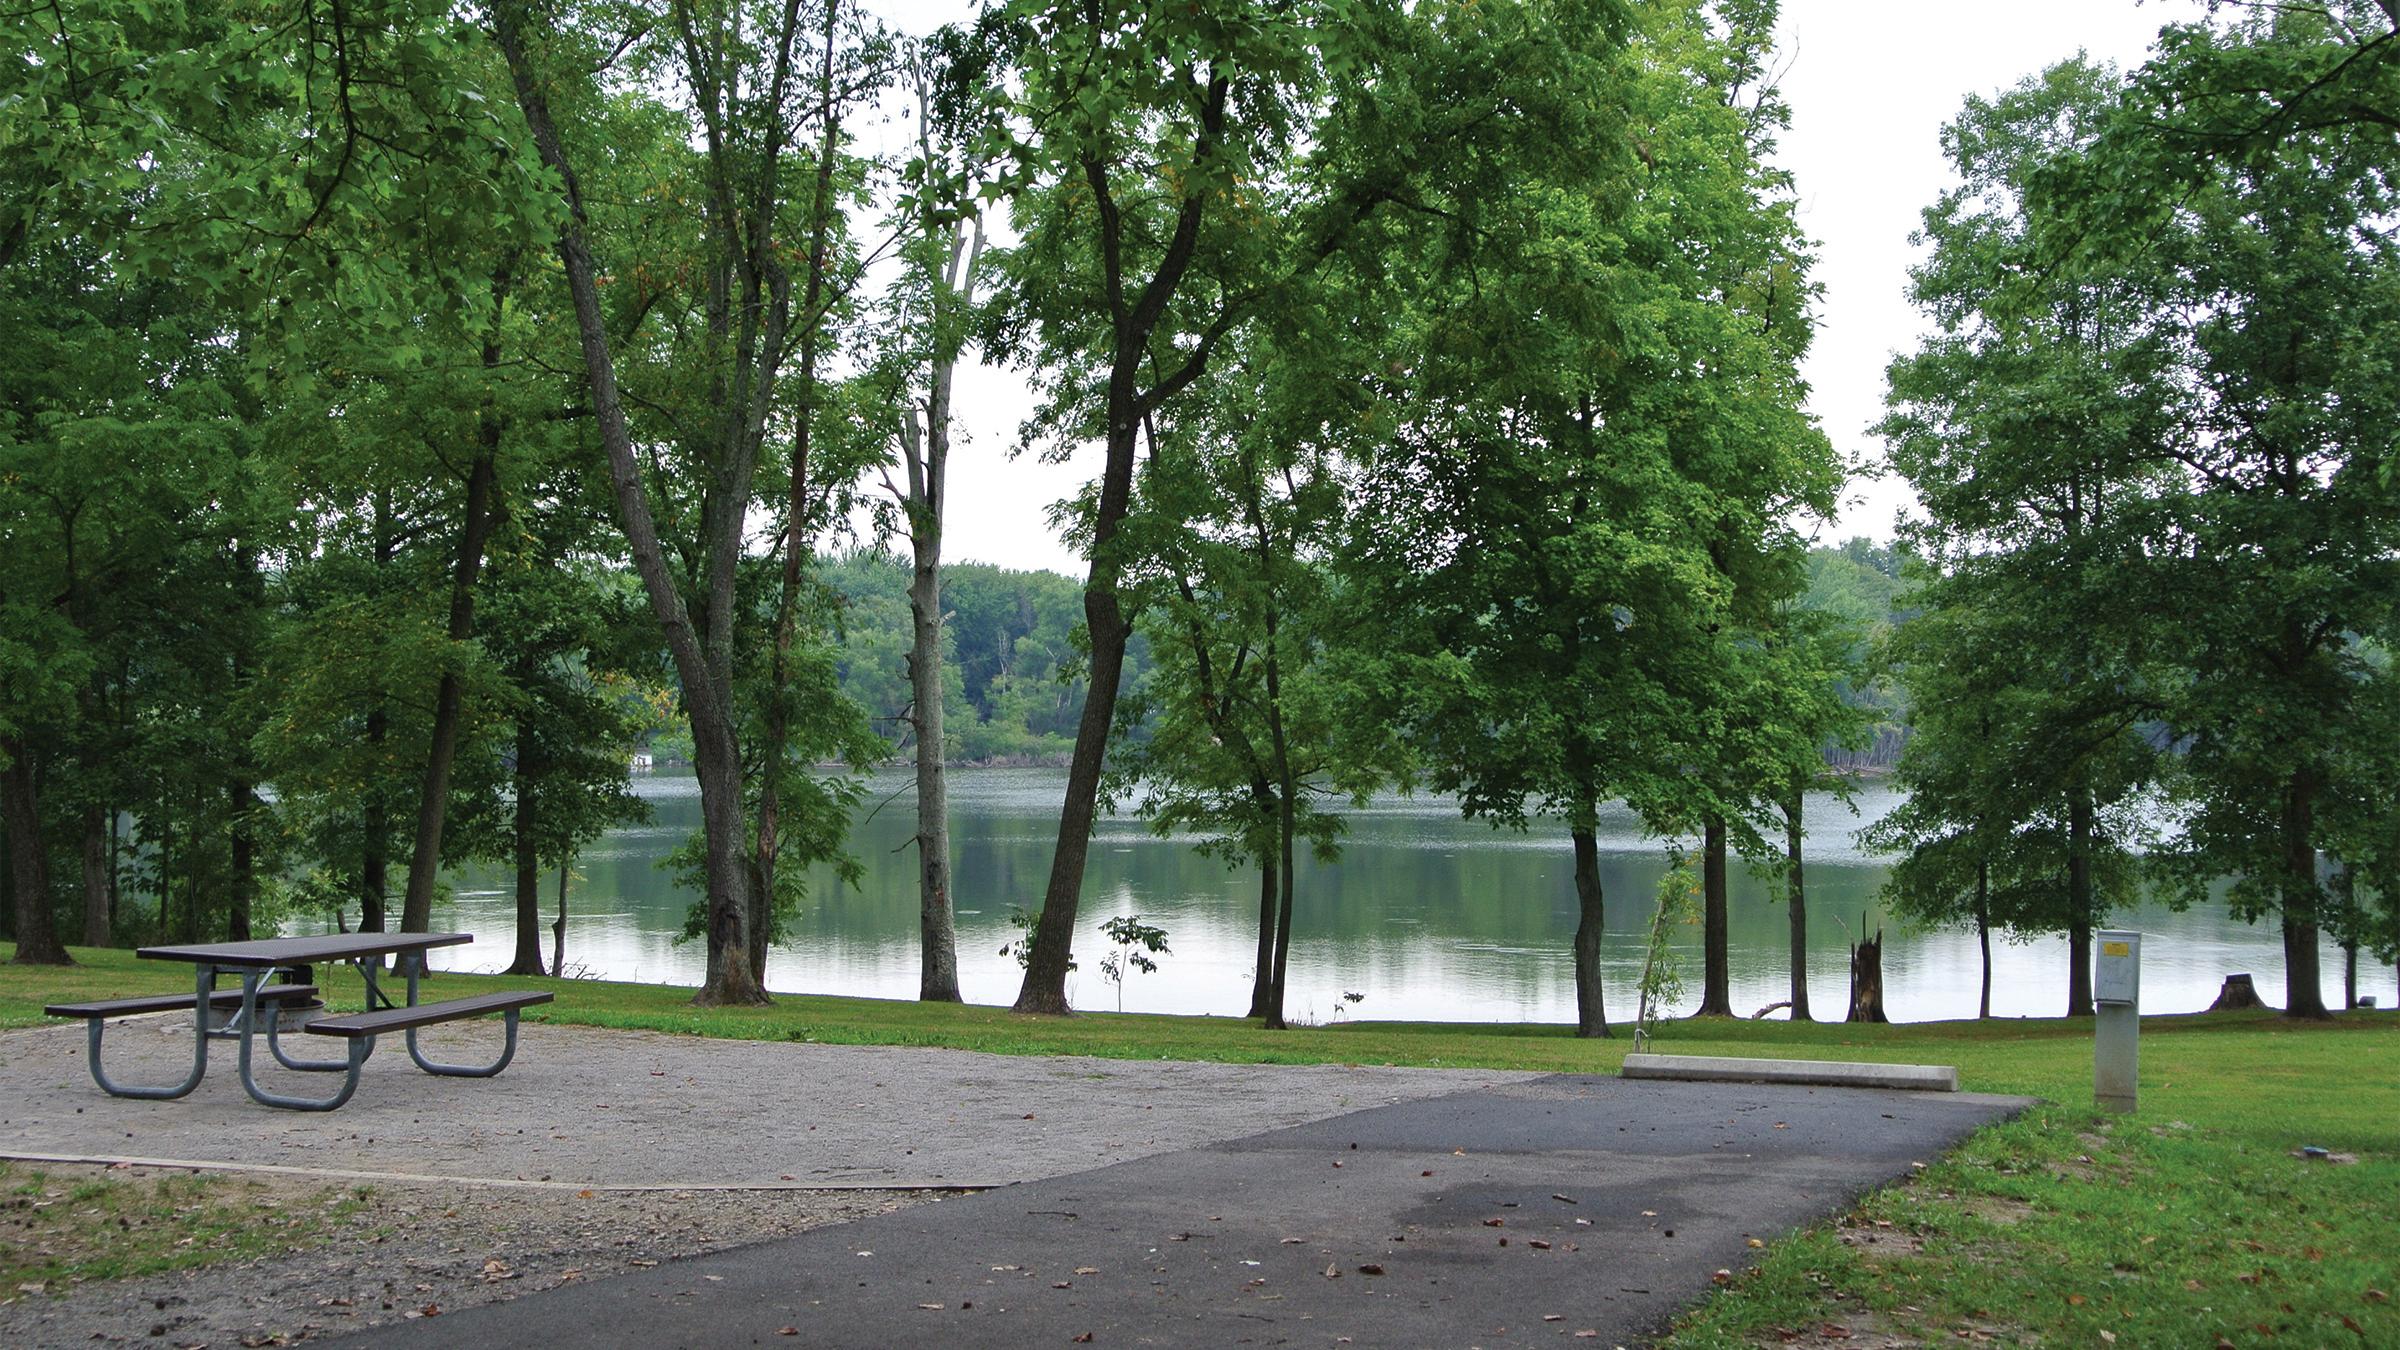 Rend Lake Illinois Map.Gun Creek Campground At Rend Lake Enjoy Illinois